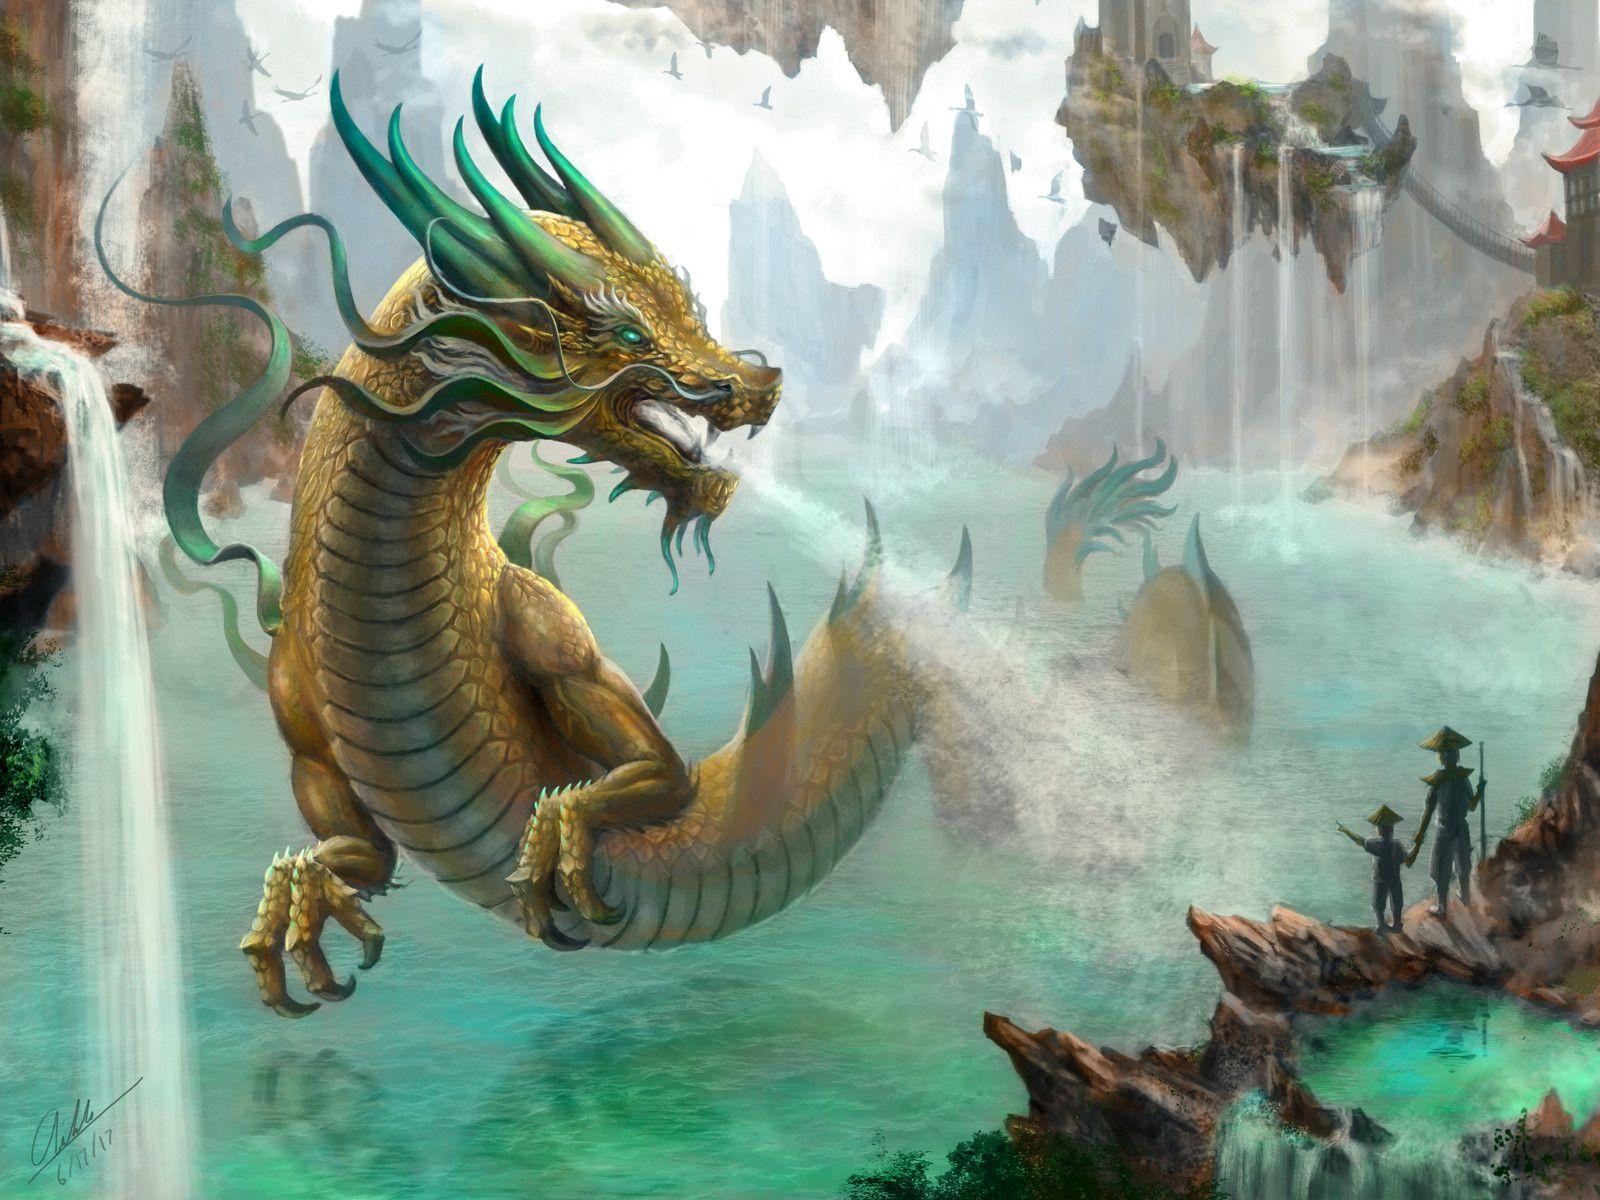 дочери свете фото земляного дракона предлагаю